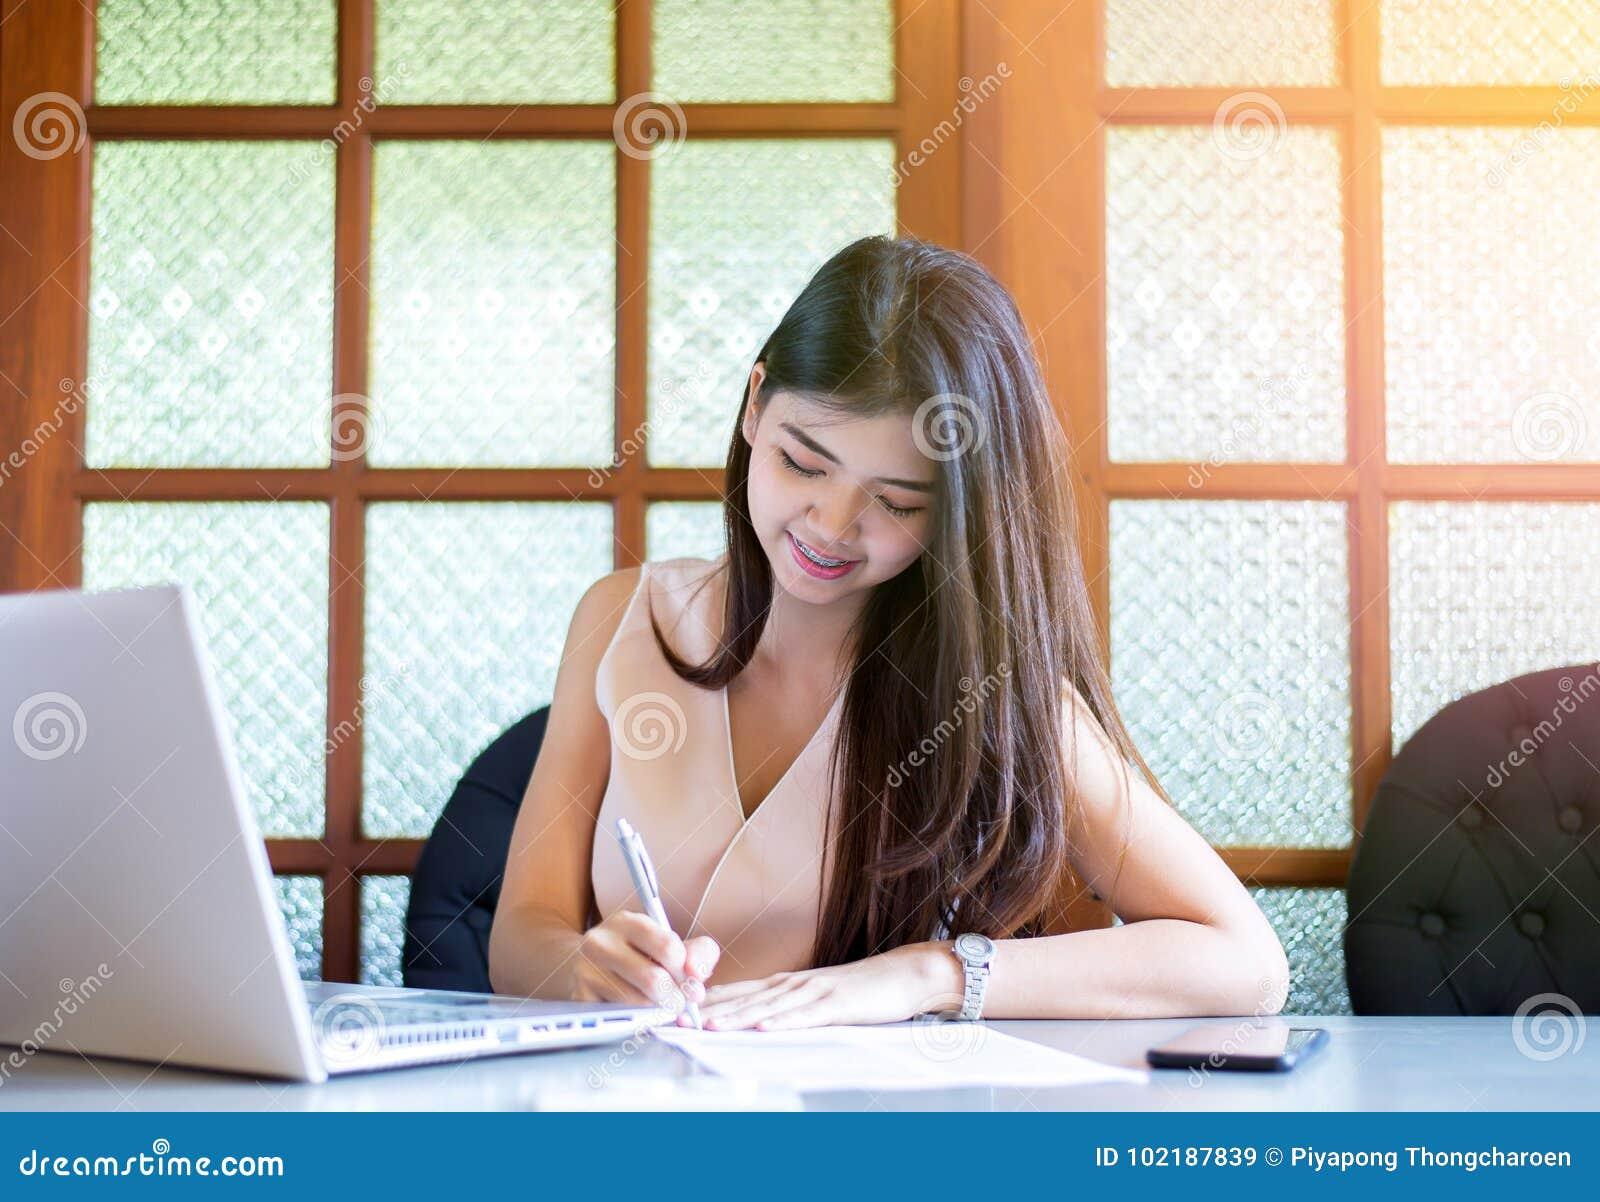 Junges asiatisches Frau Freiberuflerlächeln und Anwendung von labtop und Schreiben der Anmerkung in Collegebibliothek